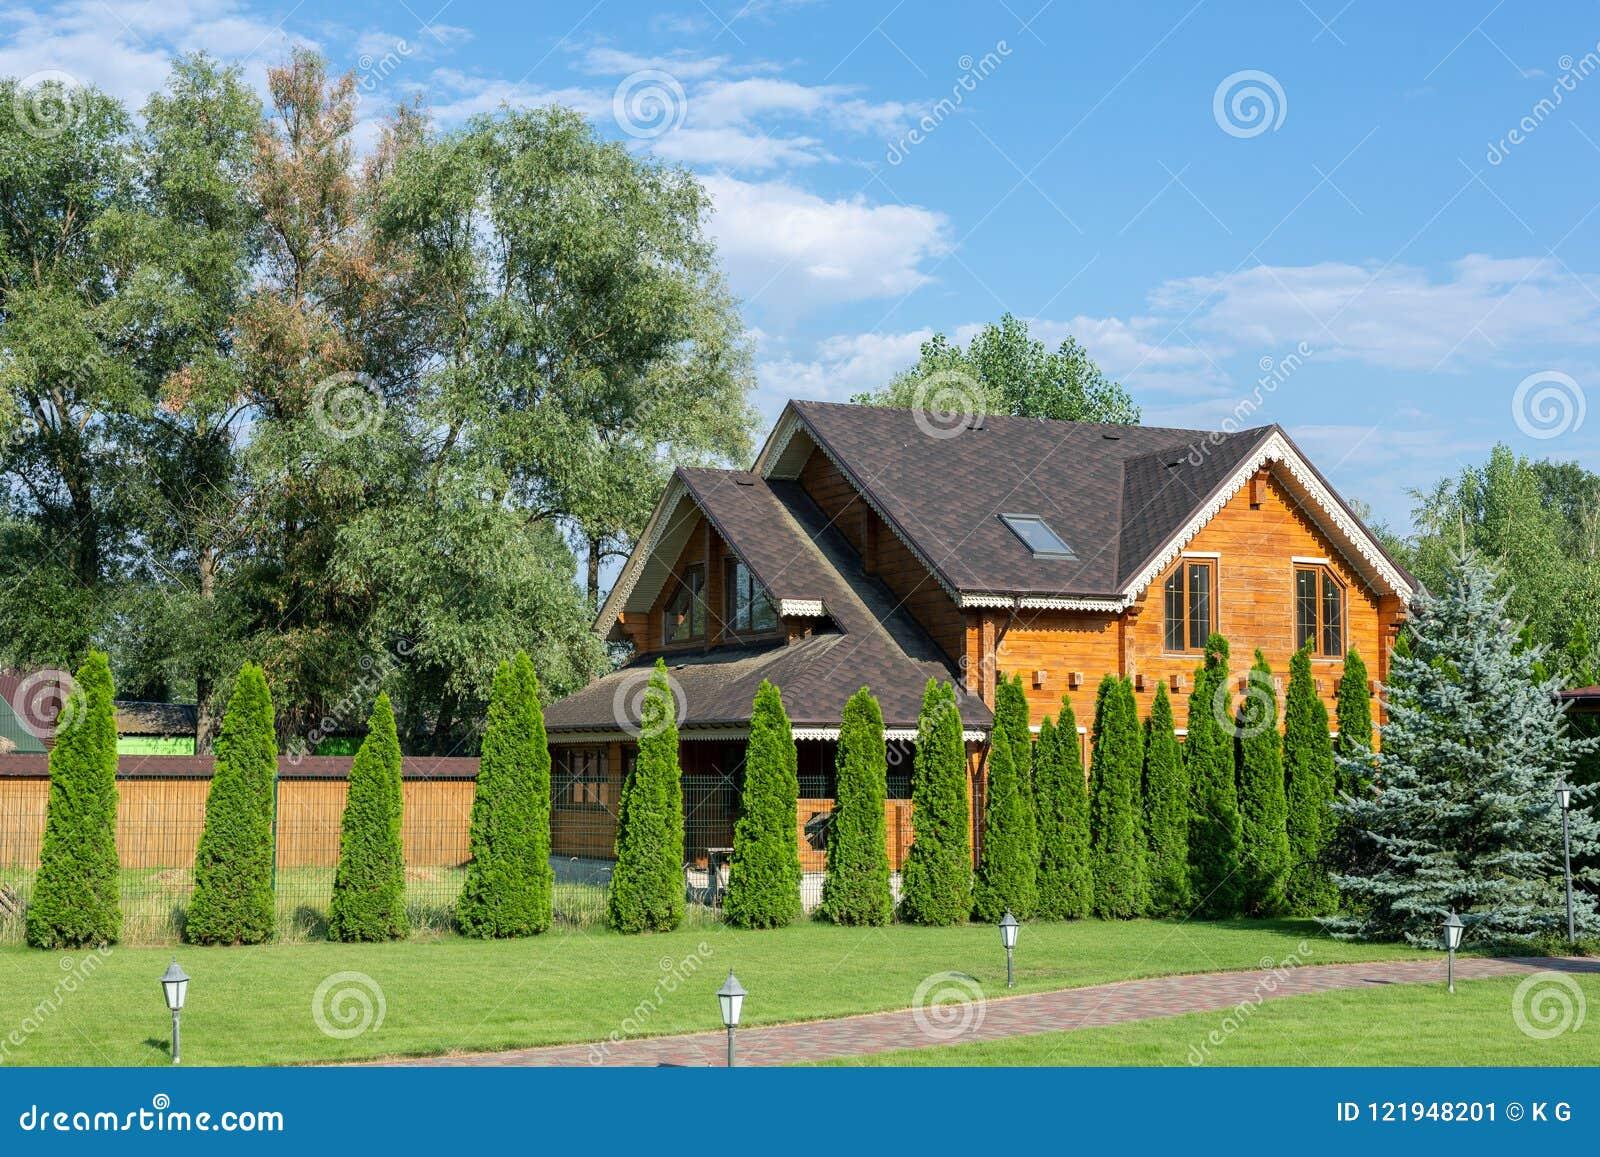 Mooi luxe groot blokhuis De villa van het houtplattelandshuisje met met groen gazon, tuin en blauwe hemel op achtergrond